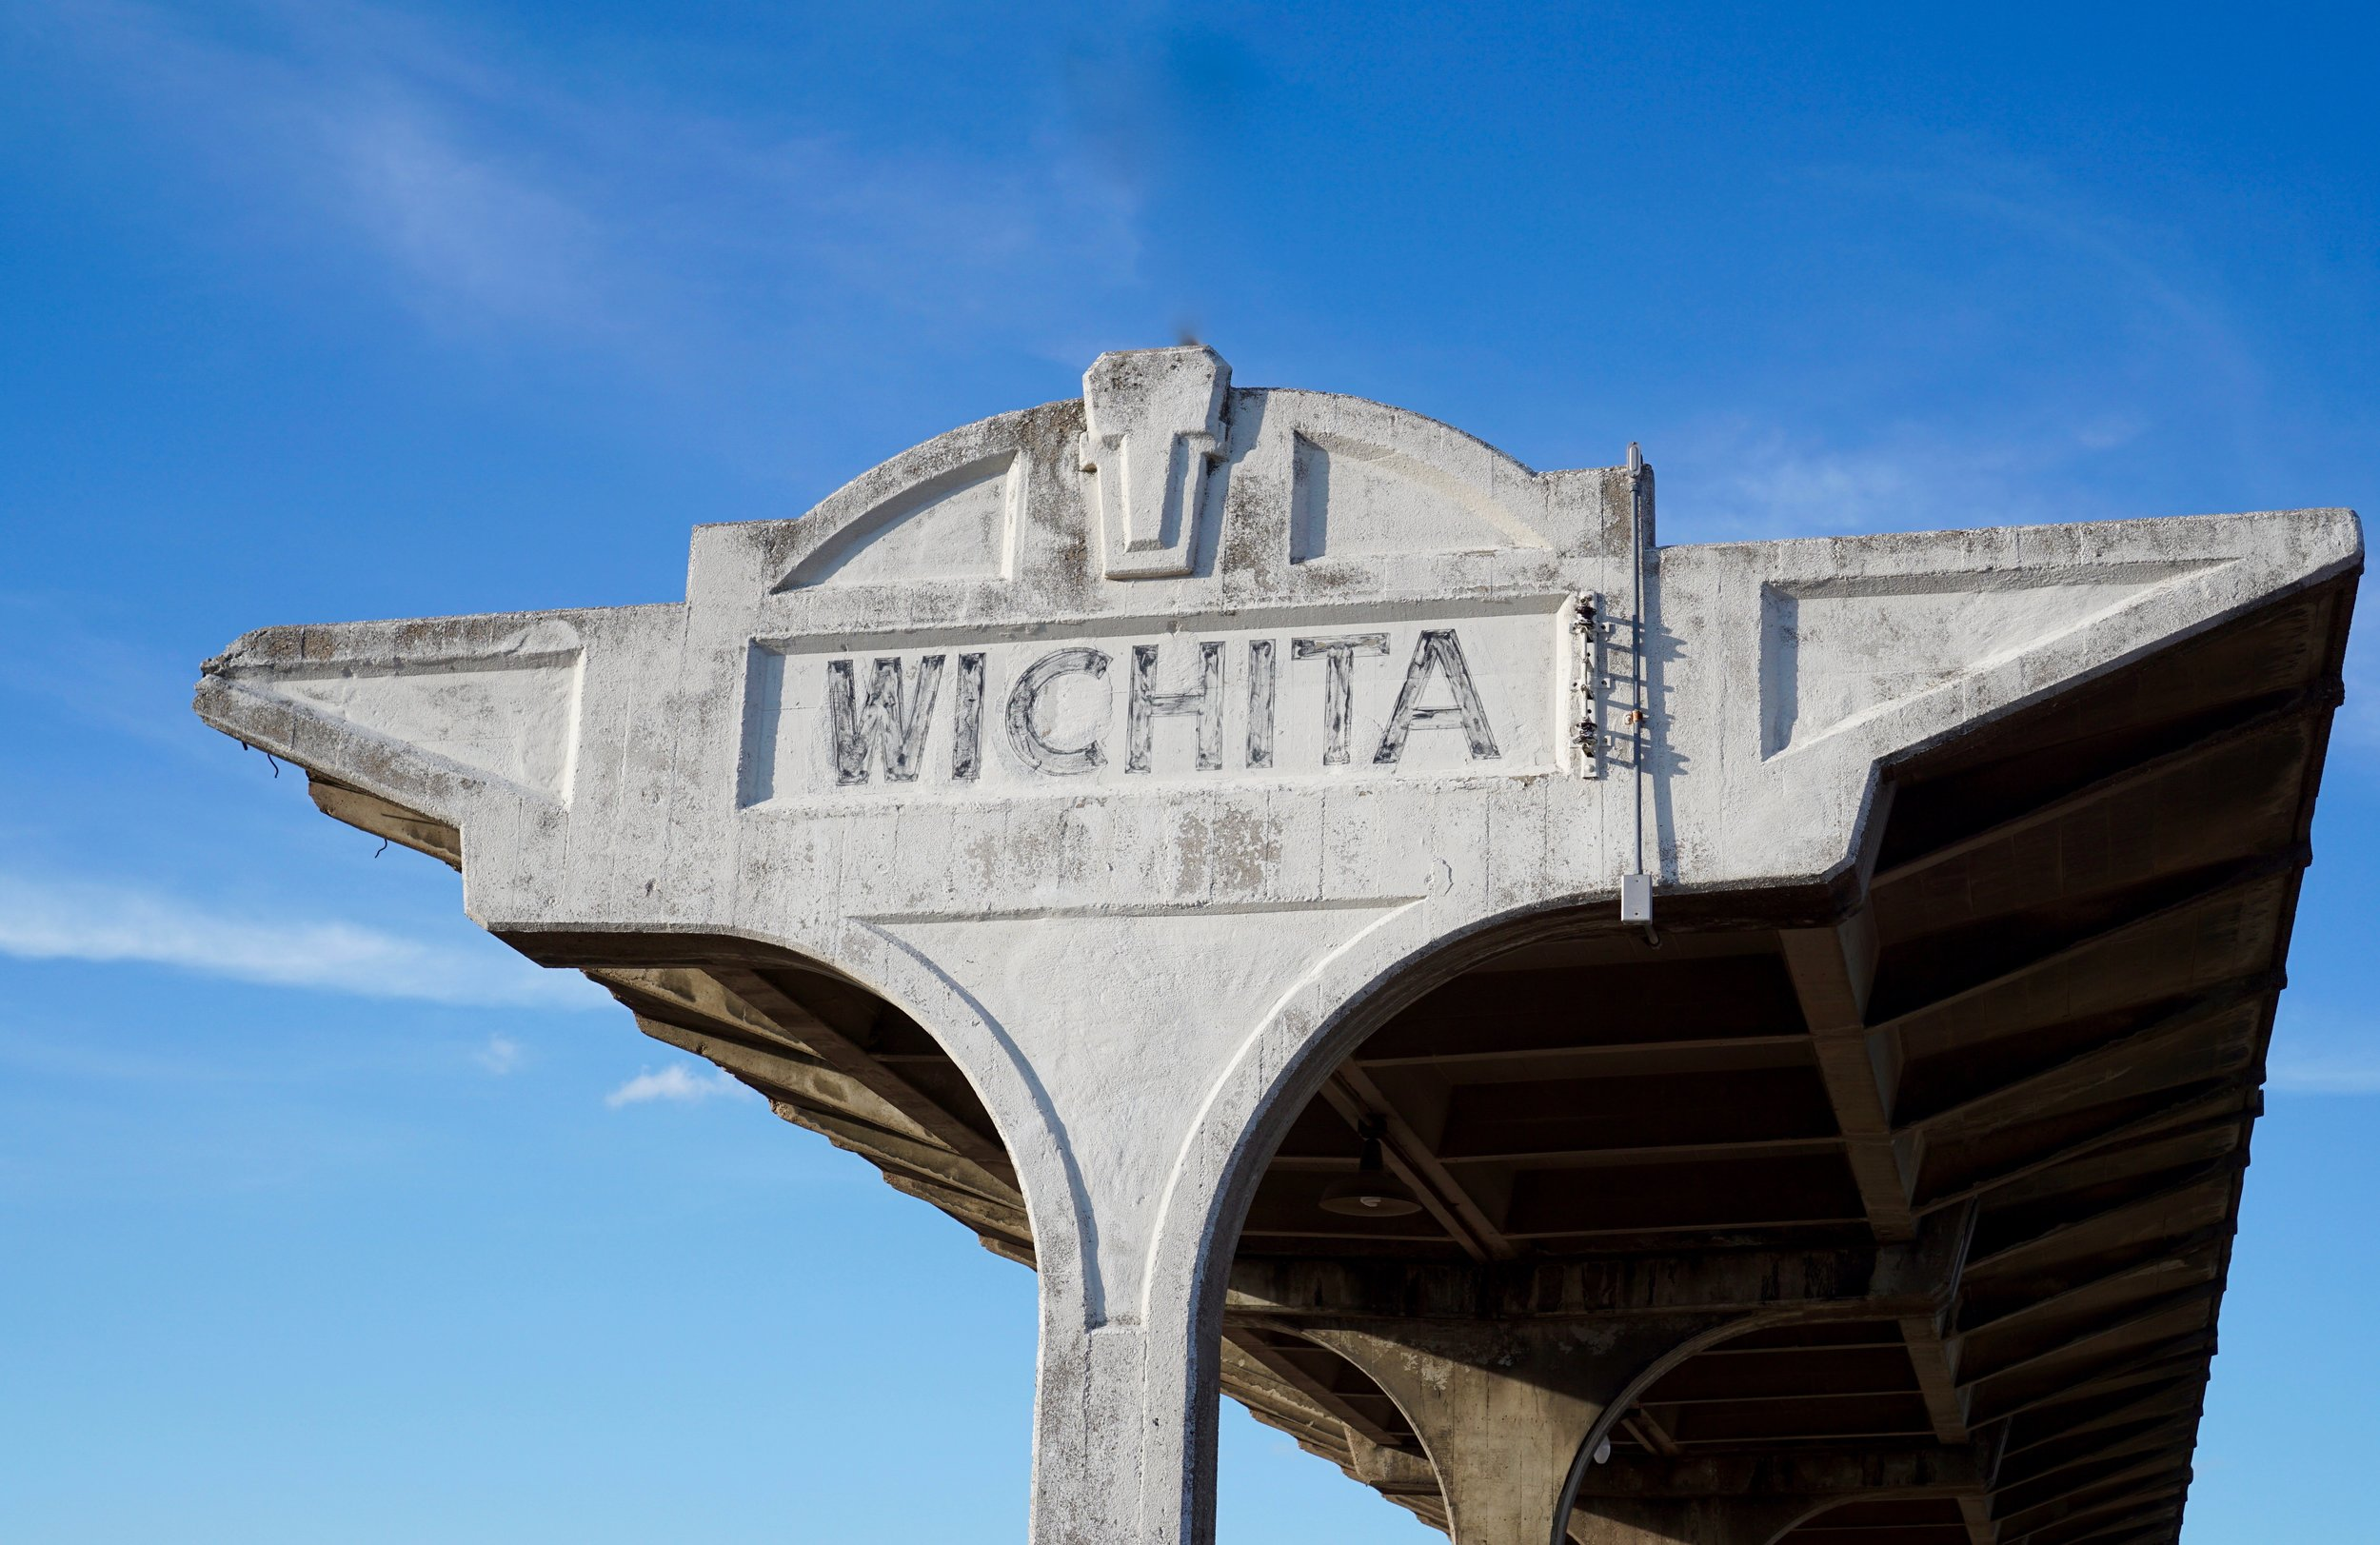 Wichita- Iconic